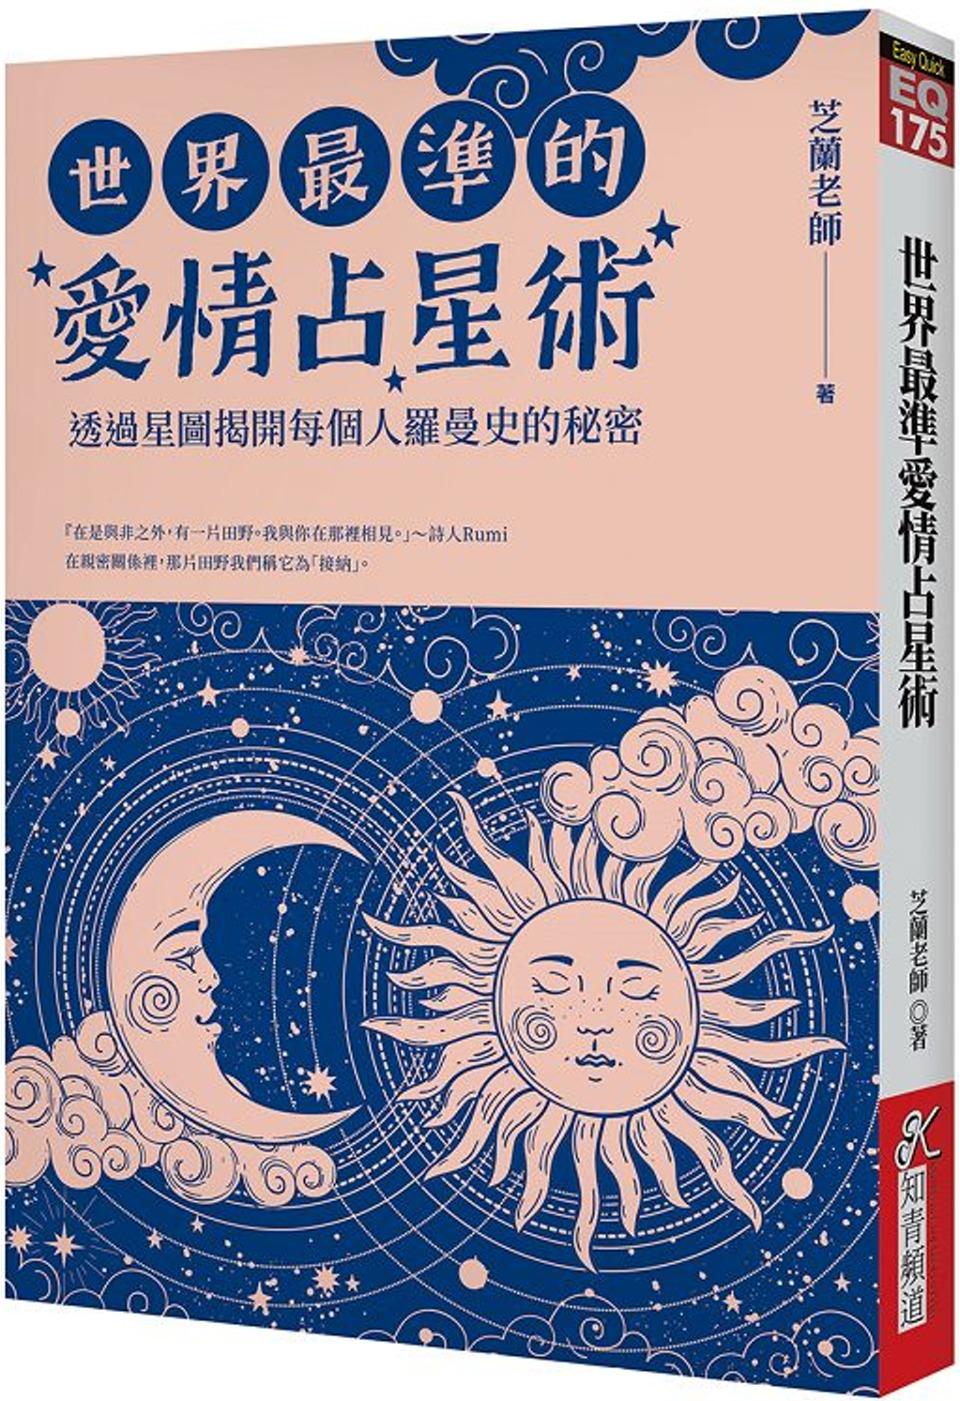 世界最準愛情占星術